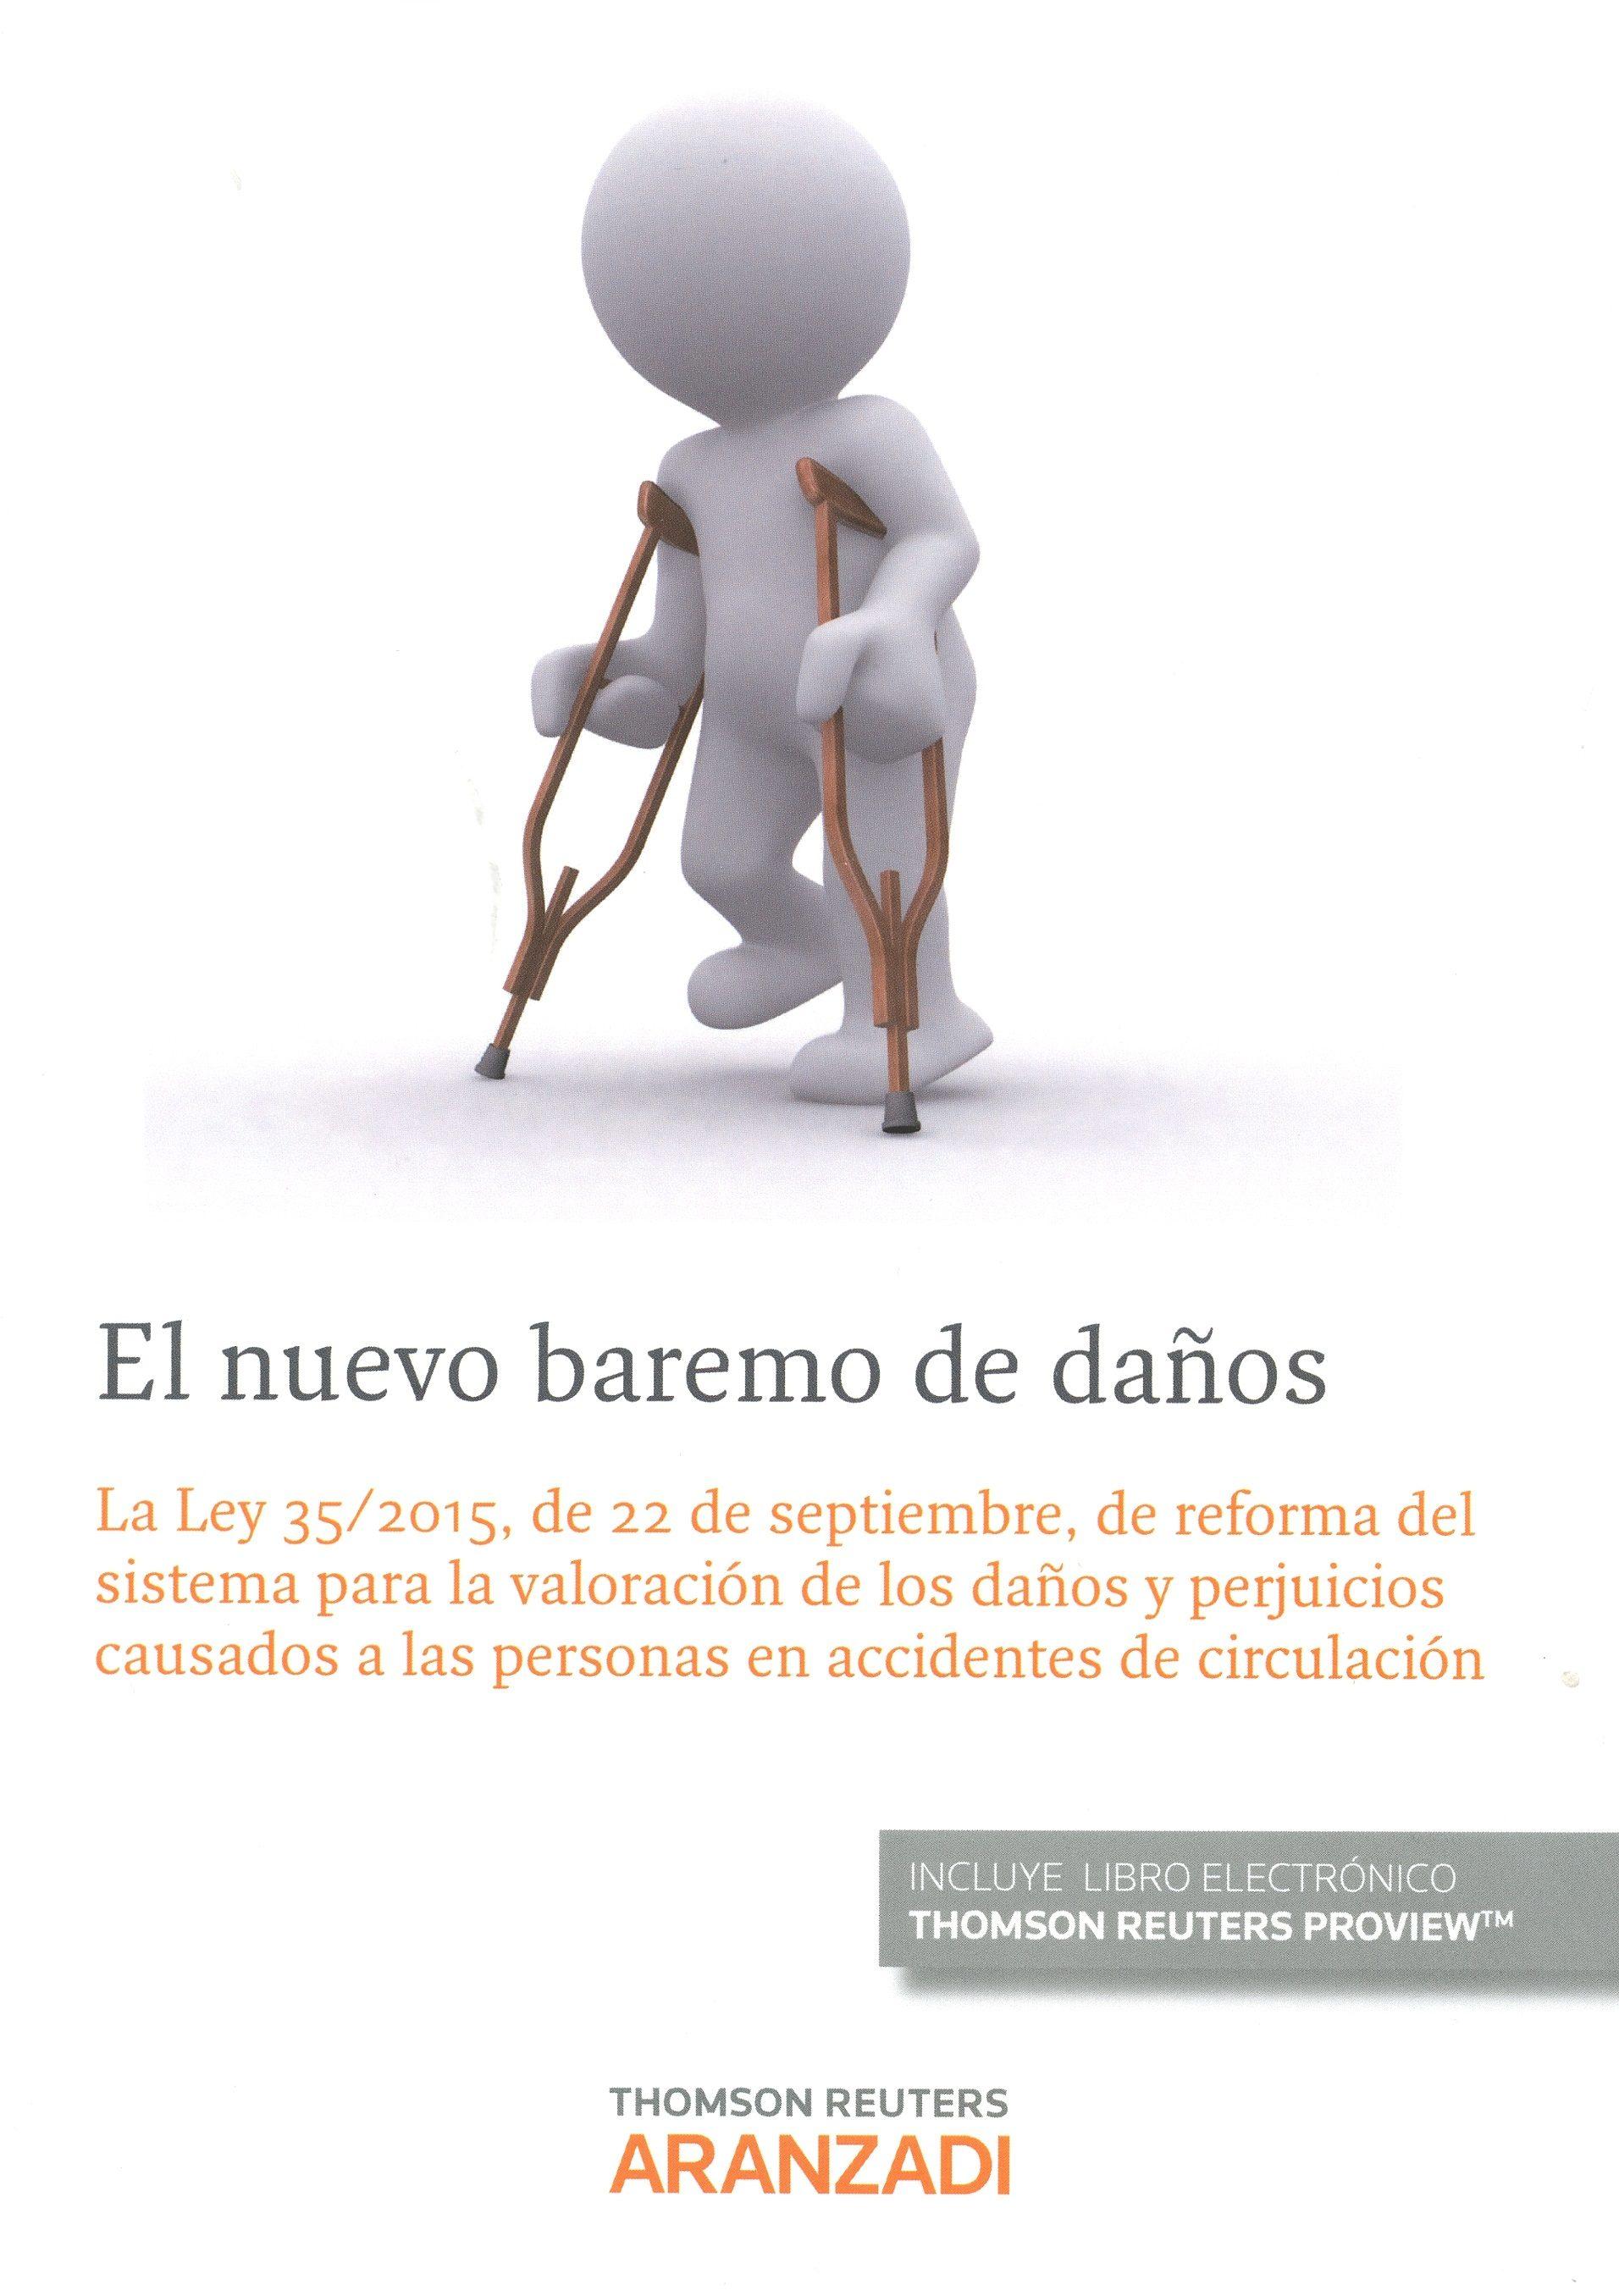 El Nuevo Baremo De Daños: La Ley 35/2015 De 22 De Septiembre De Reform - Moscoso Del Prado Muñoz Javier